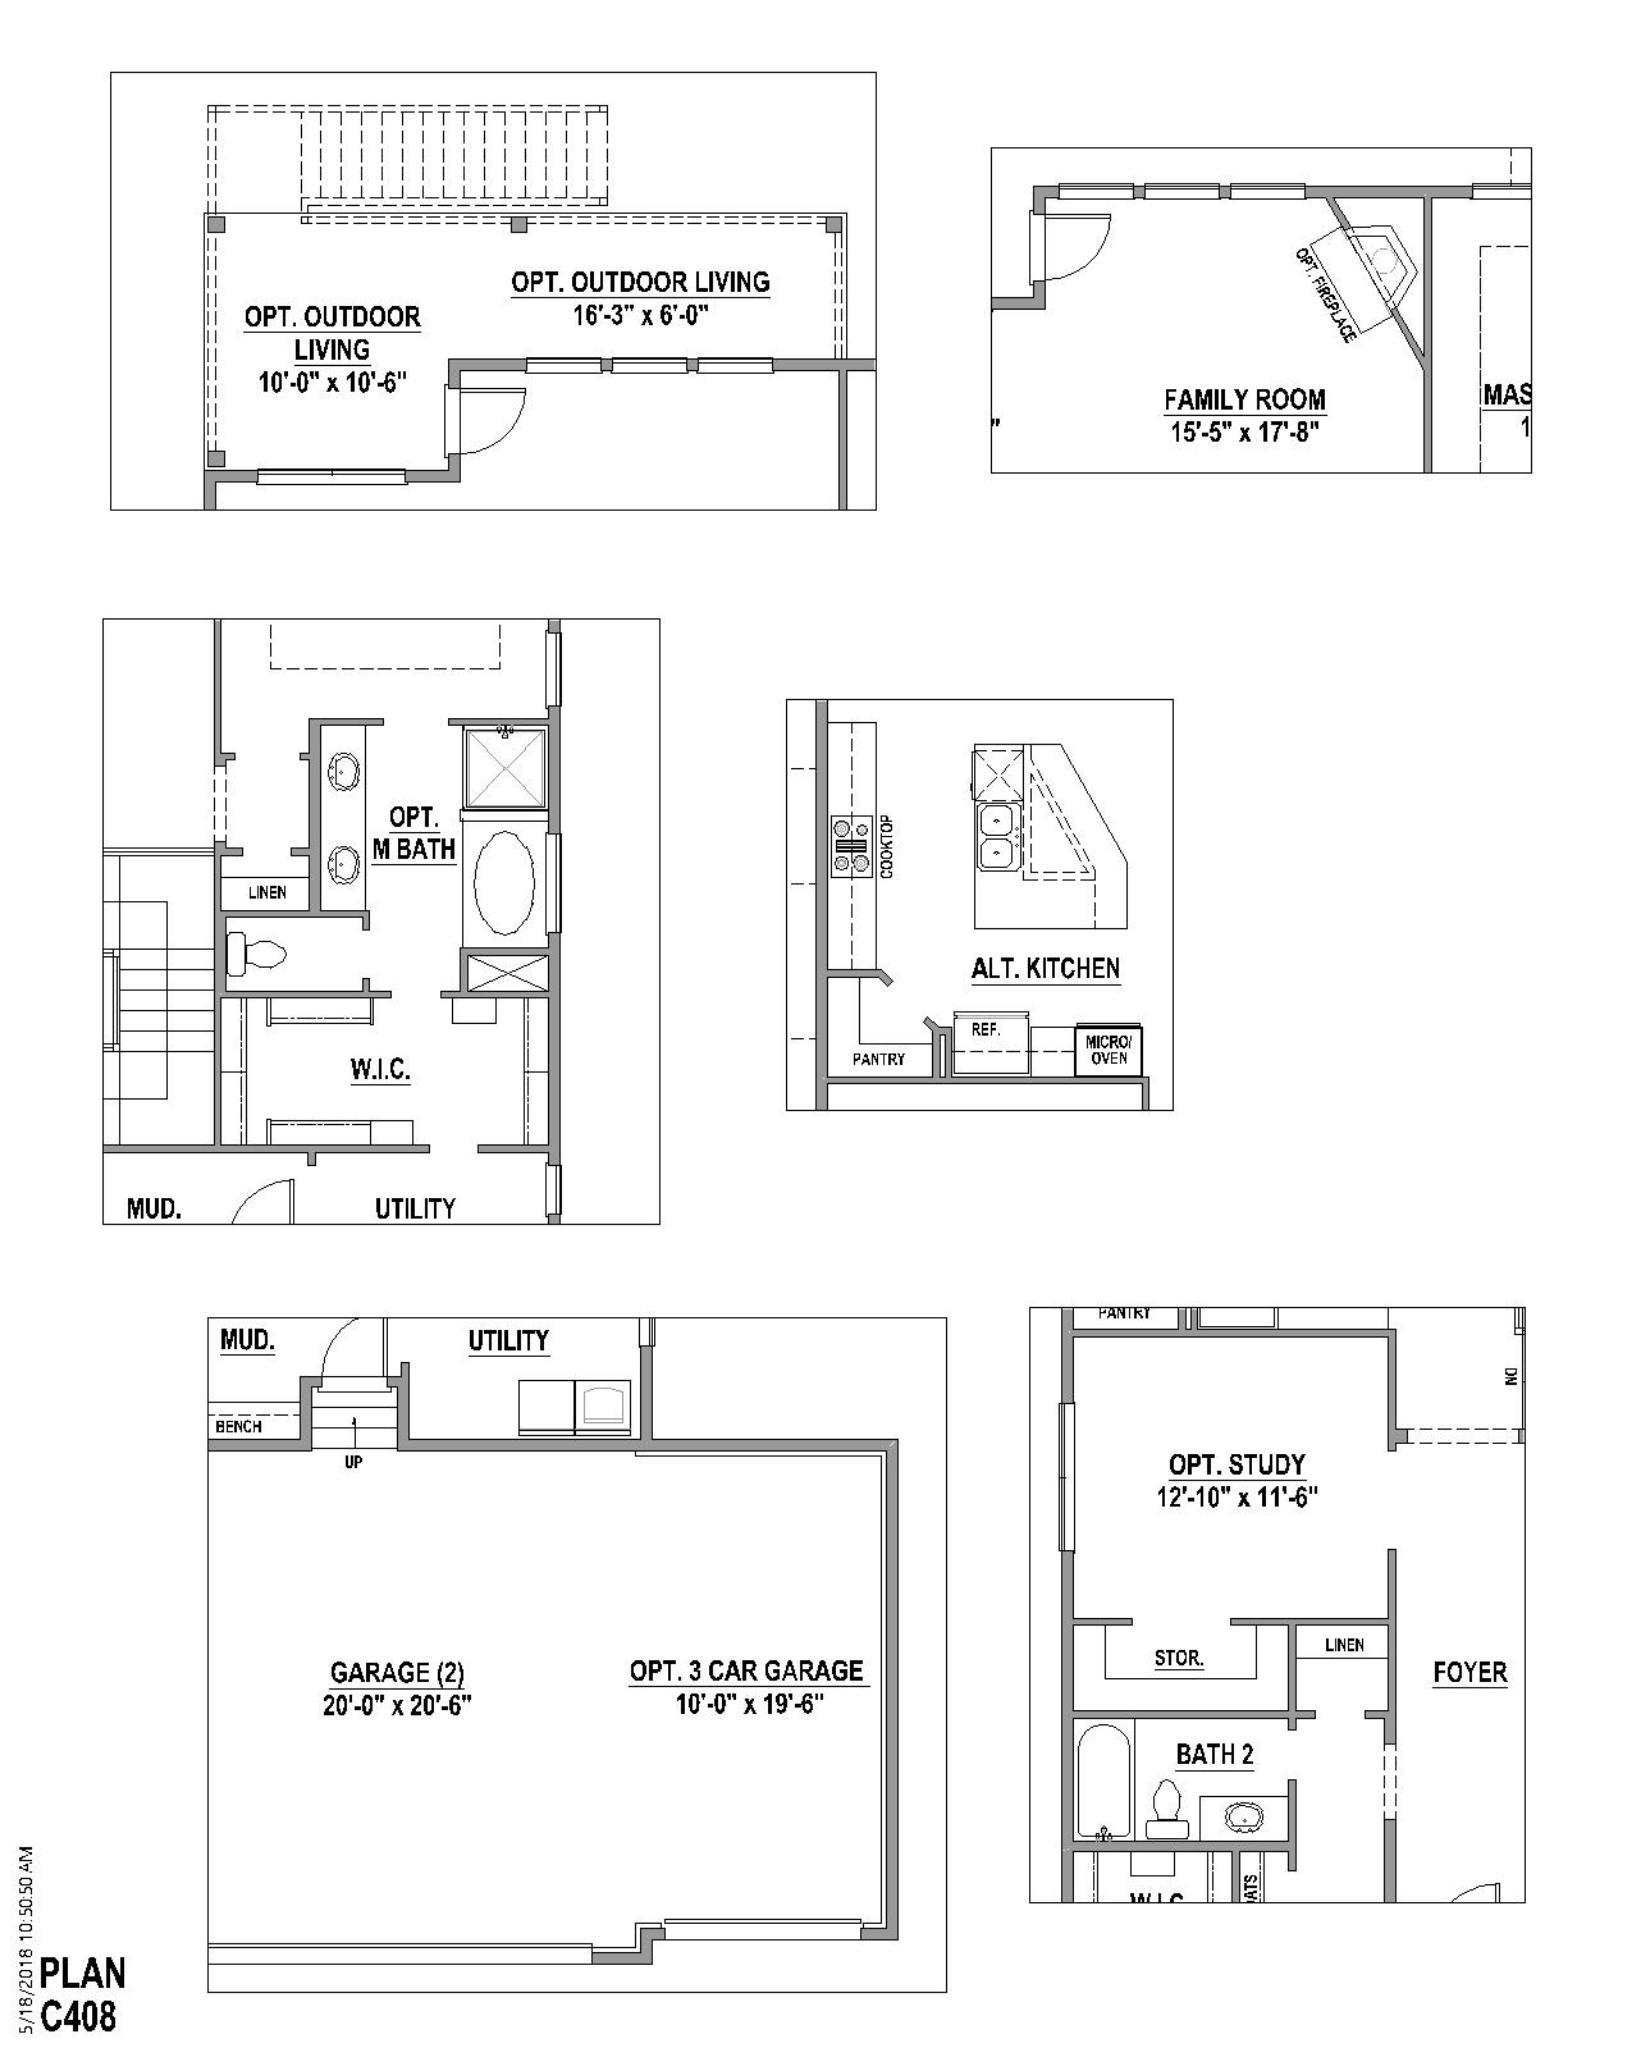 Plan C408 Floor Plan